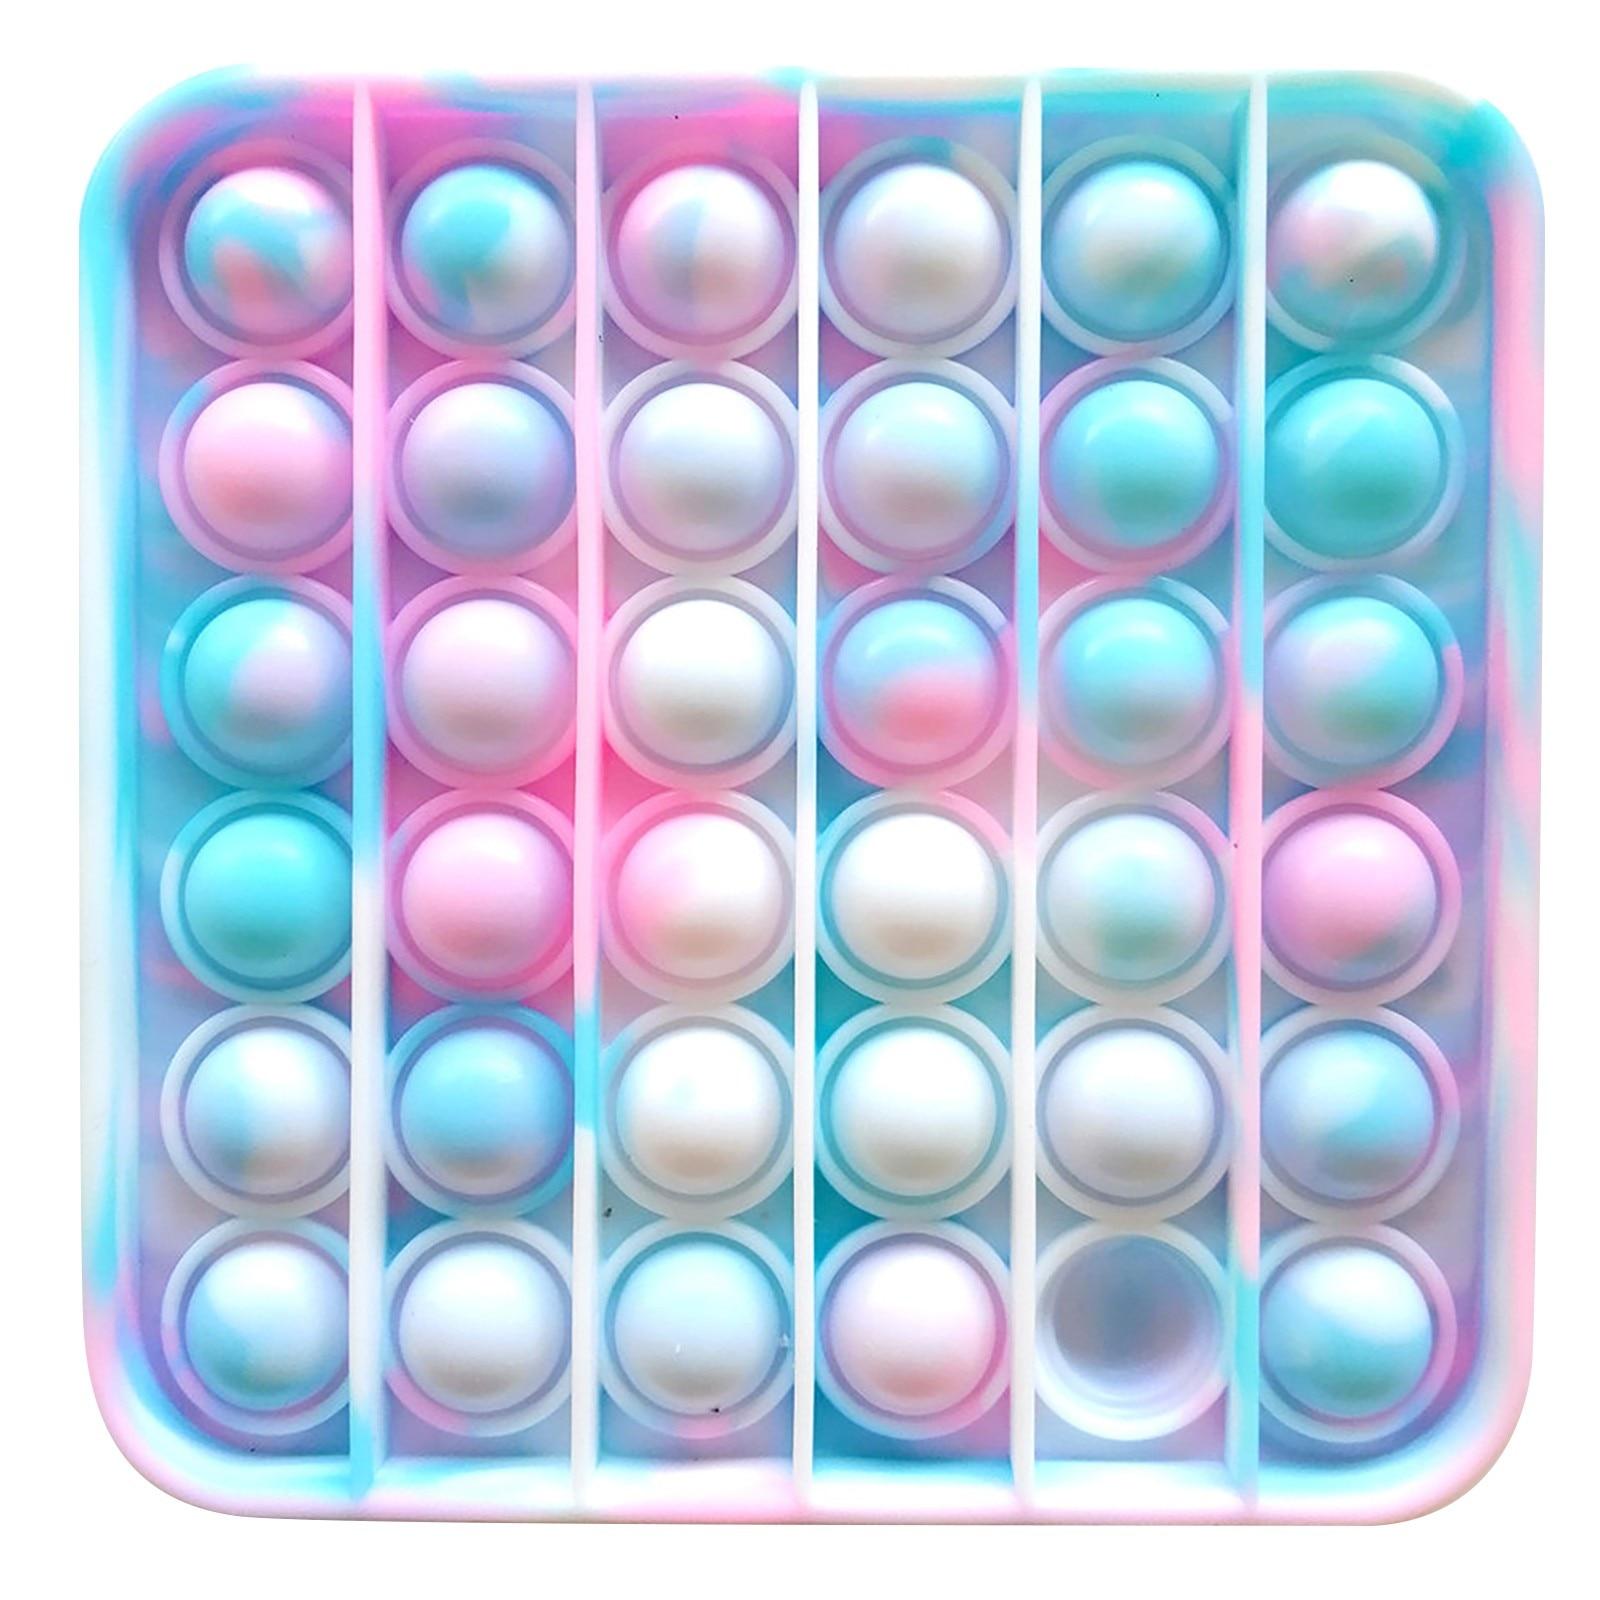 Игрушка-антистресс с эффектом пузырьков, игрушка-антистресс для взрослых и детей